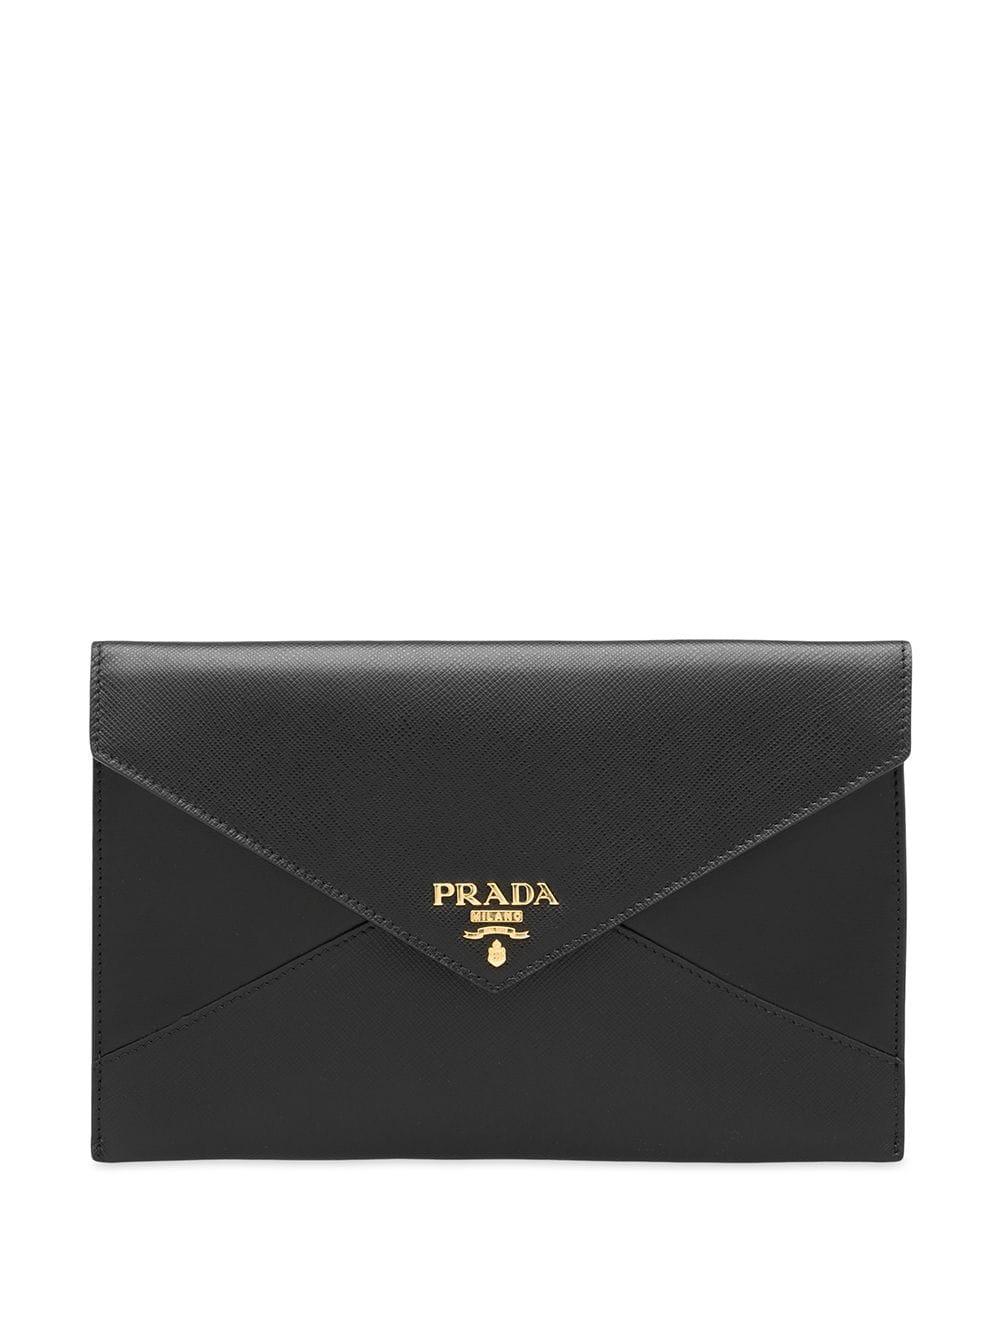 bf8e67bd68da Prada Saffiano Document Holder Set - Black | ModeSens